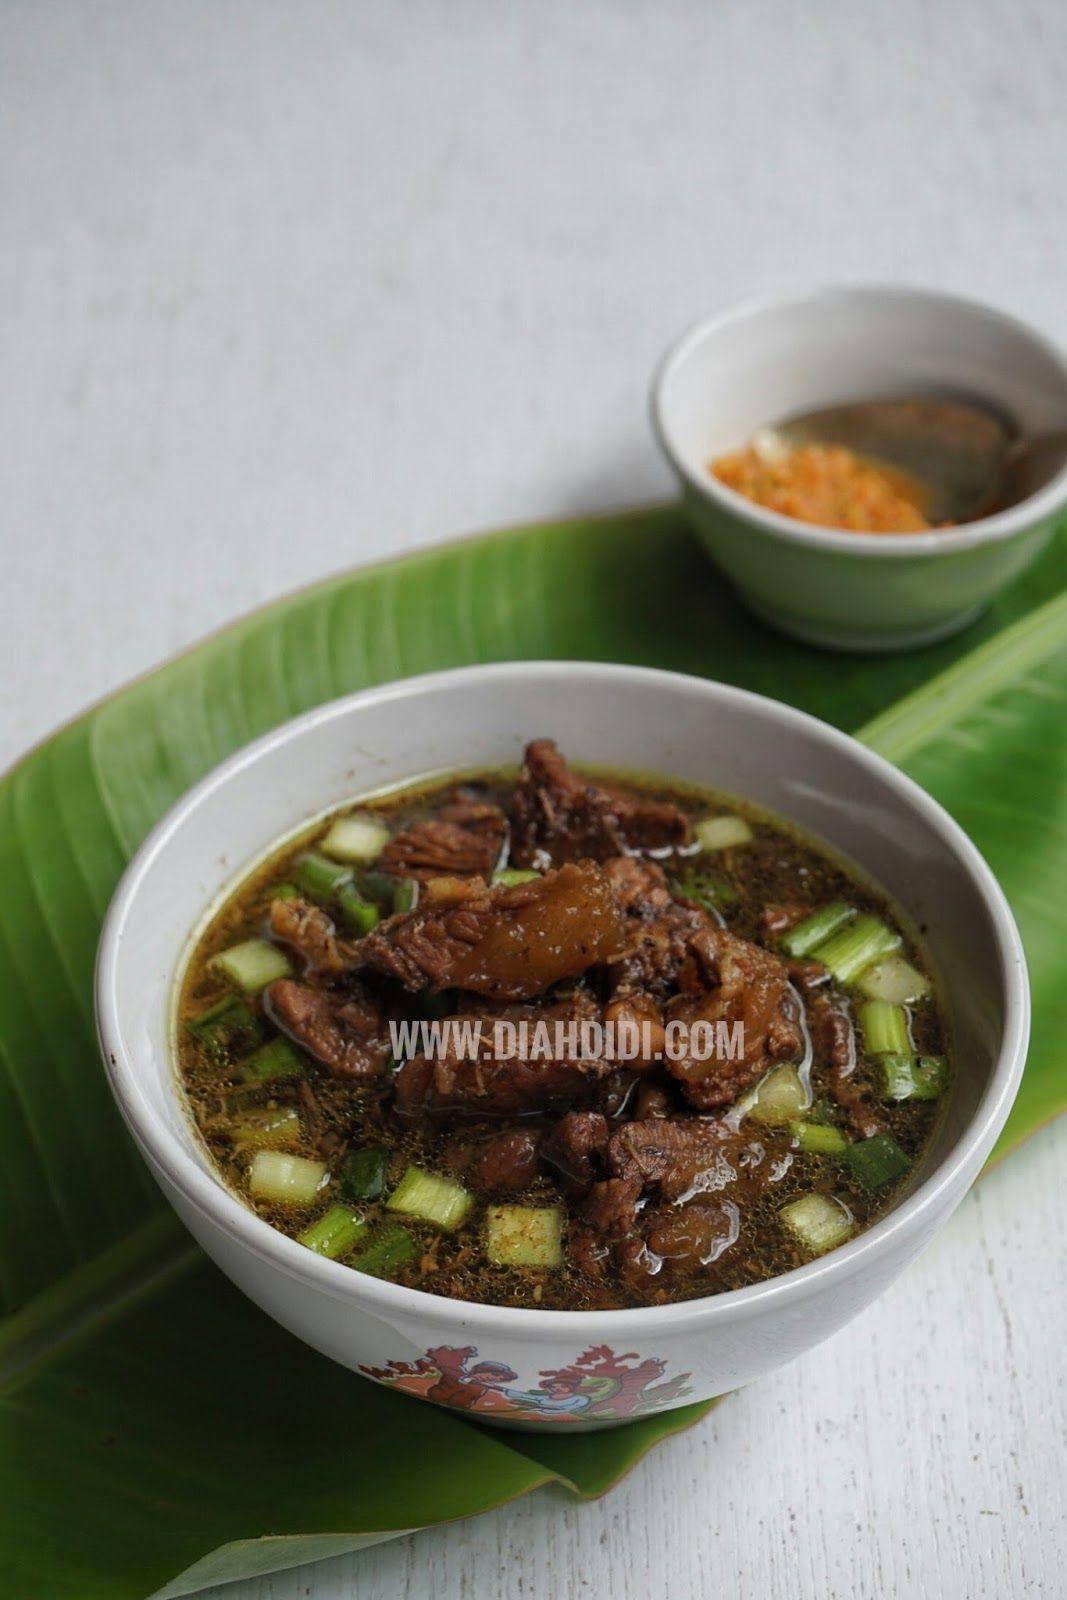 Resep Masakan Sup Jagung Sosis Ayam Di 2020 Resep Masakan Resep Sup